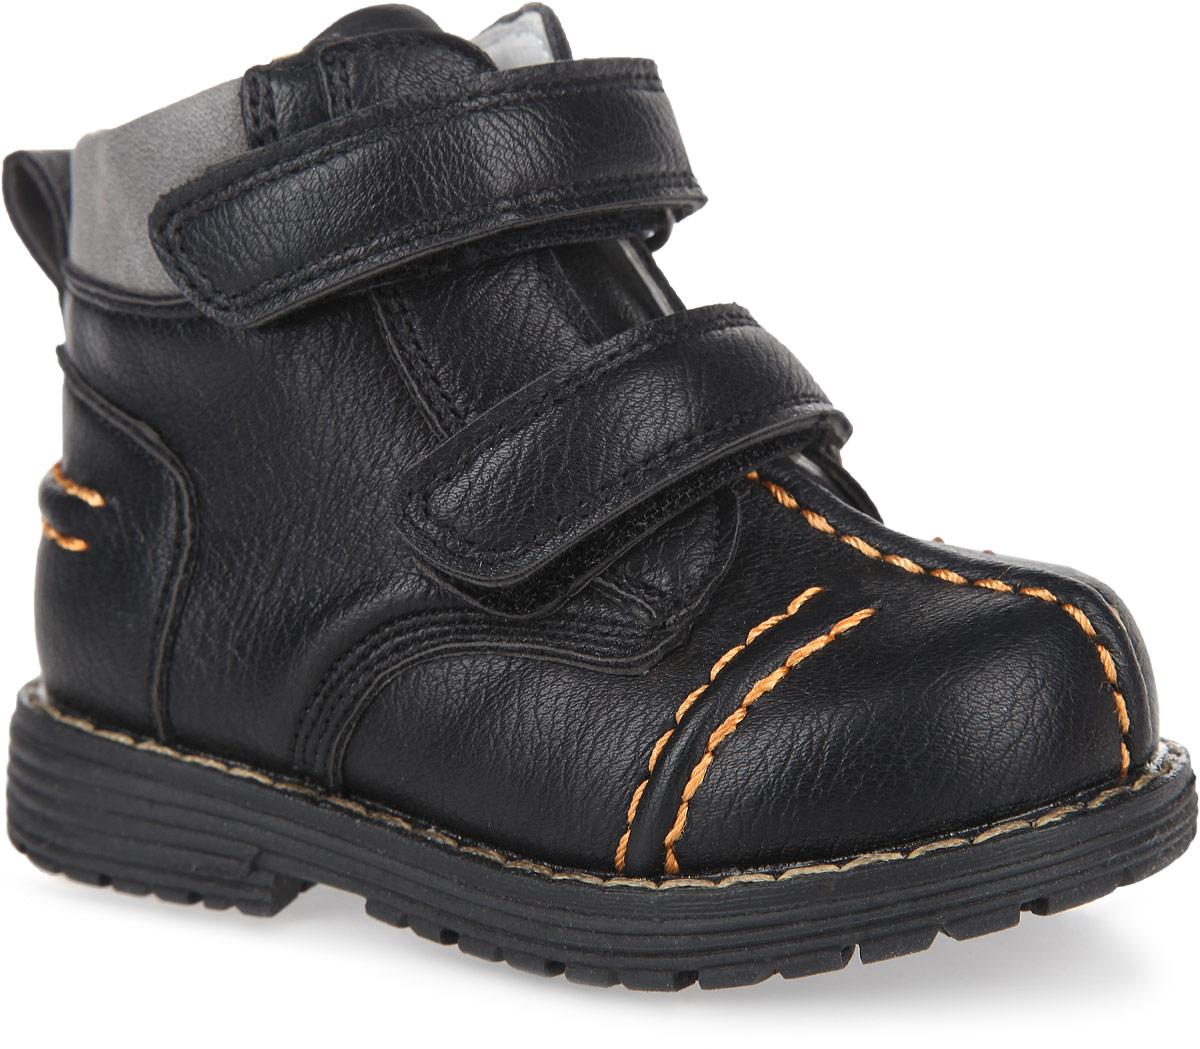 Ботинки для мальчика PlayToday Baby, цвет: черный, серый. 167207. Размер 22167207Модные ботинки от PlayToday заинтересуют вашего мальчика с первого взгляда. Модель, выполненная из искусственной кожи, оформлена внешними декоративными швами, вдоль ранта - контрастной прострочкой. Ремешки с застежками-липучками гарантируют надежную фиксацию модели на ноге. Боковая застежка-молния позволяет легко снимать и обувать модель. Ярлычок облегчает обувание модели. Внутренняя поверхность из натуральной кожи и стелька EVA с поверхностью из натуральной кожи комфортны при ходьбе. Стелька дополнена супинатором с перфорацией, который обеспечивает правильное положение ноги ребенка при ходьбе, предотвращает плоскостопие. Рифление на подошве обеспечивает отличное сцепление с любыми поверхностями.Чудесные ботинки займут достойное место в гардеробе вашего мальчика.